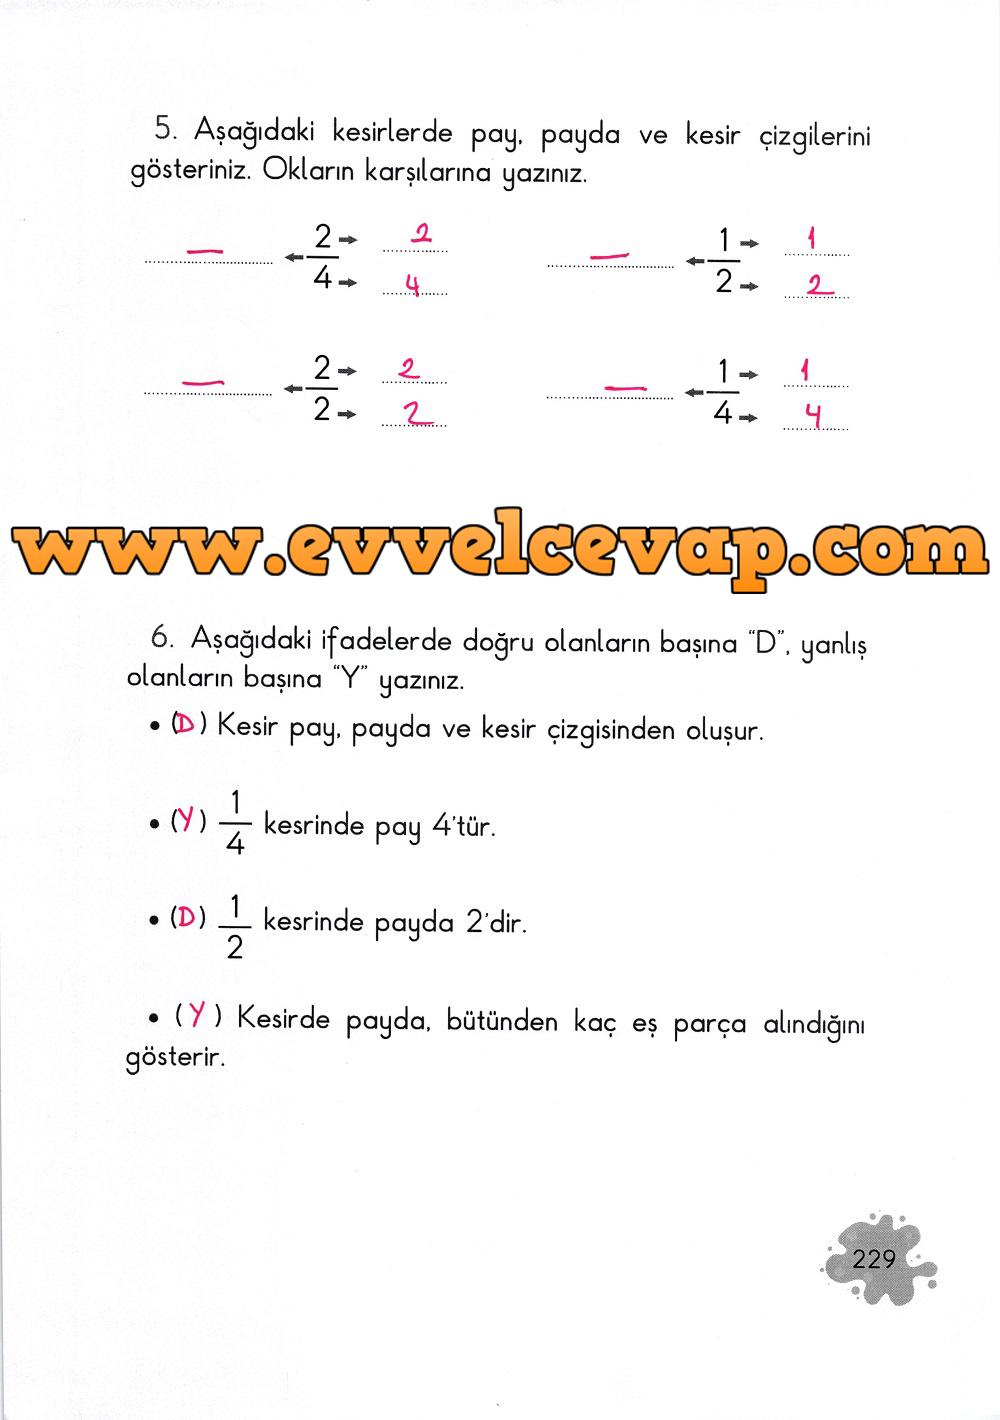 2. Sınıf Açılım Yayınları Matematik Ders Kitabı 229. Sayfa Cevapları